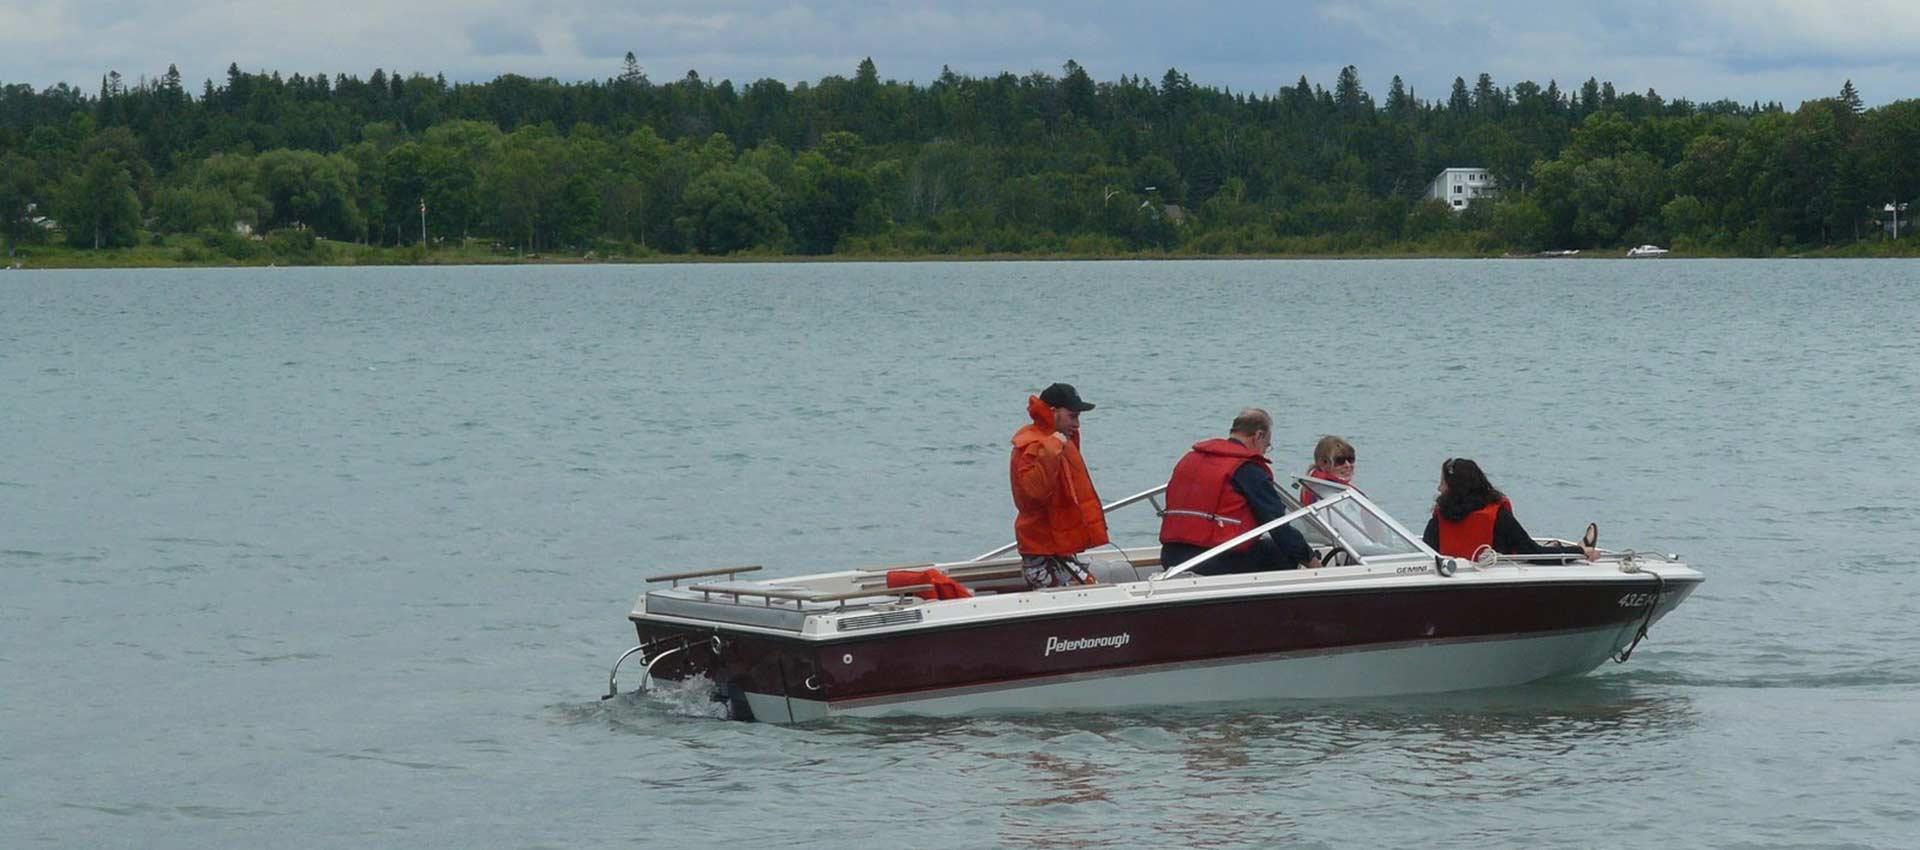 boating-header